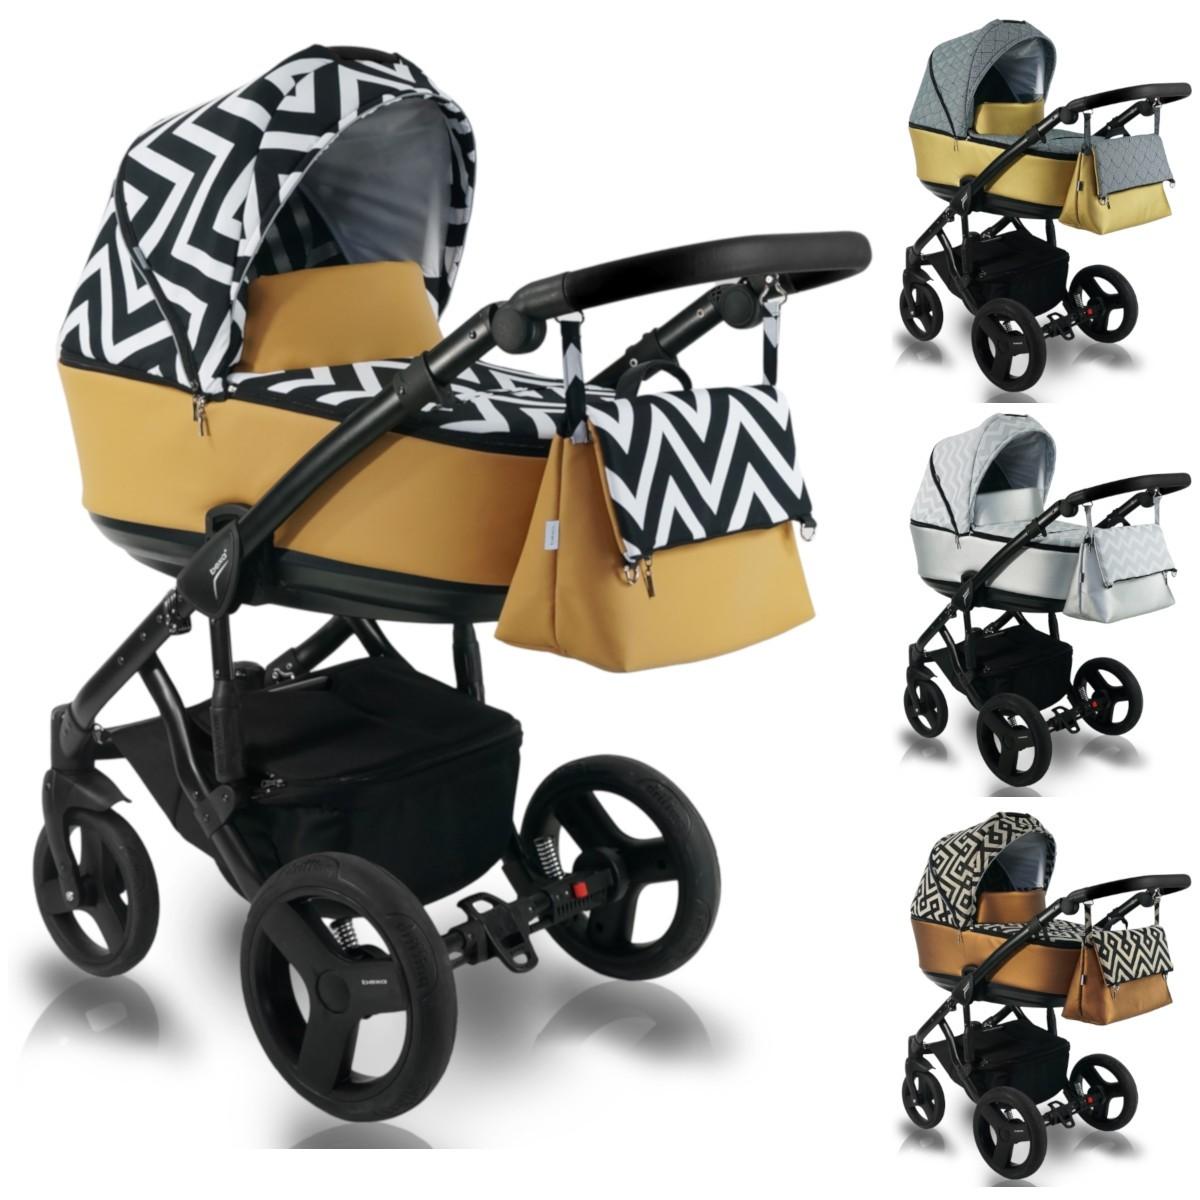 Bexa Light Kinderwagen mit Babywanne, 2in1 mit Babywanne + Sportwagenaufsatz oder 3in1 + Babyschale, Autoschale, 2 Farben